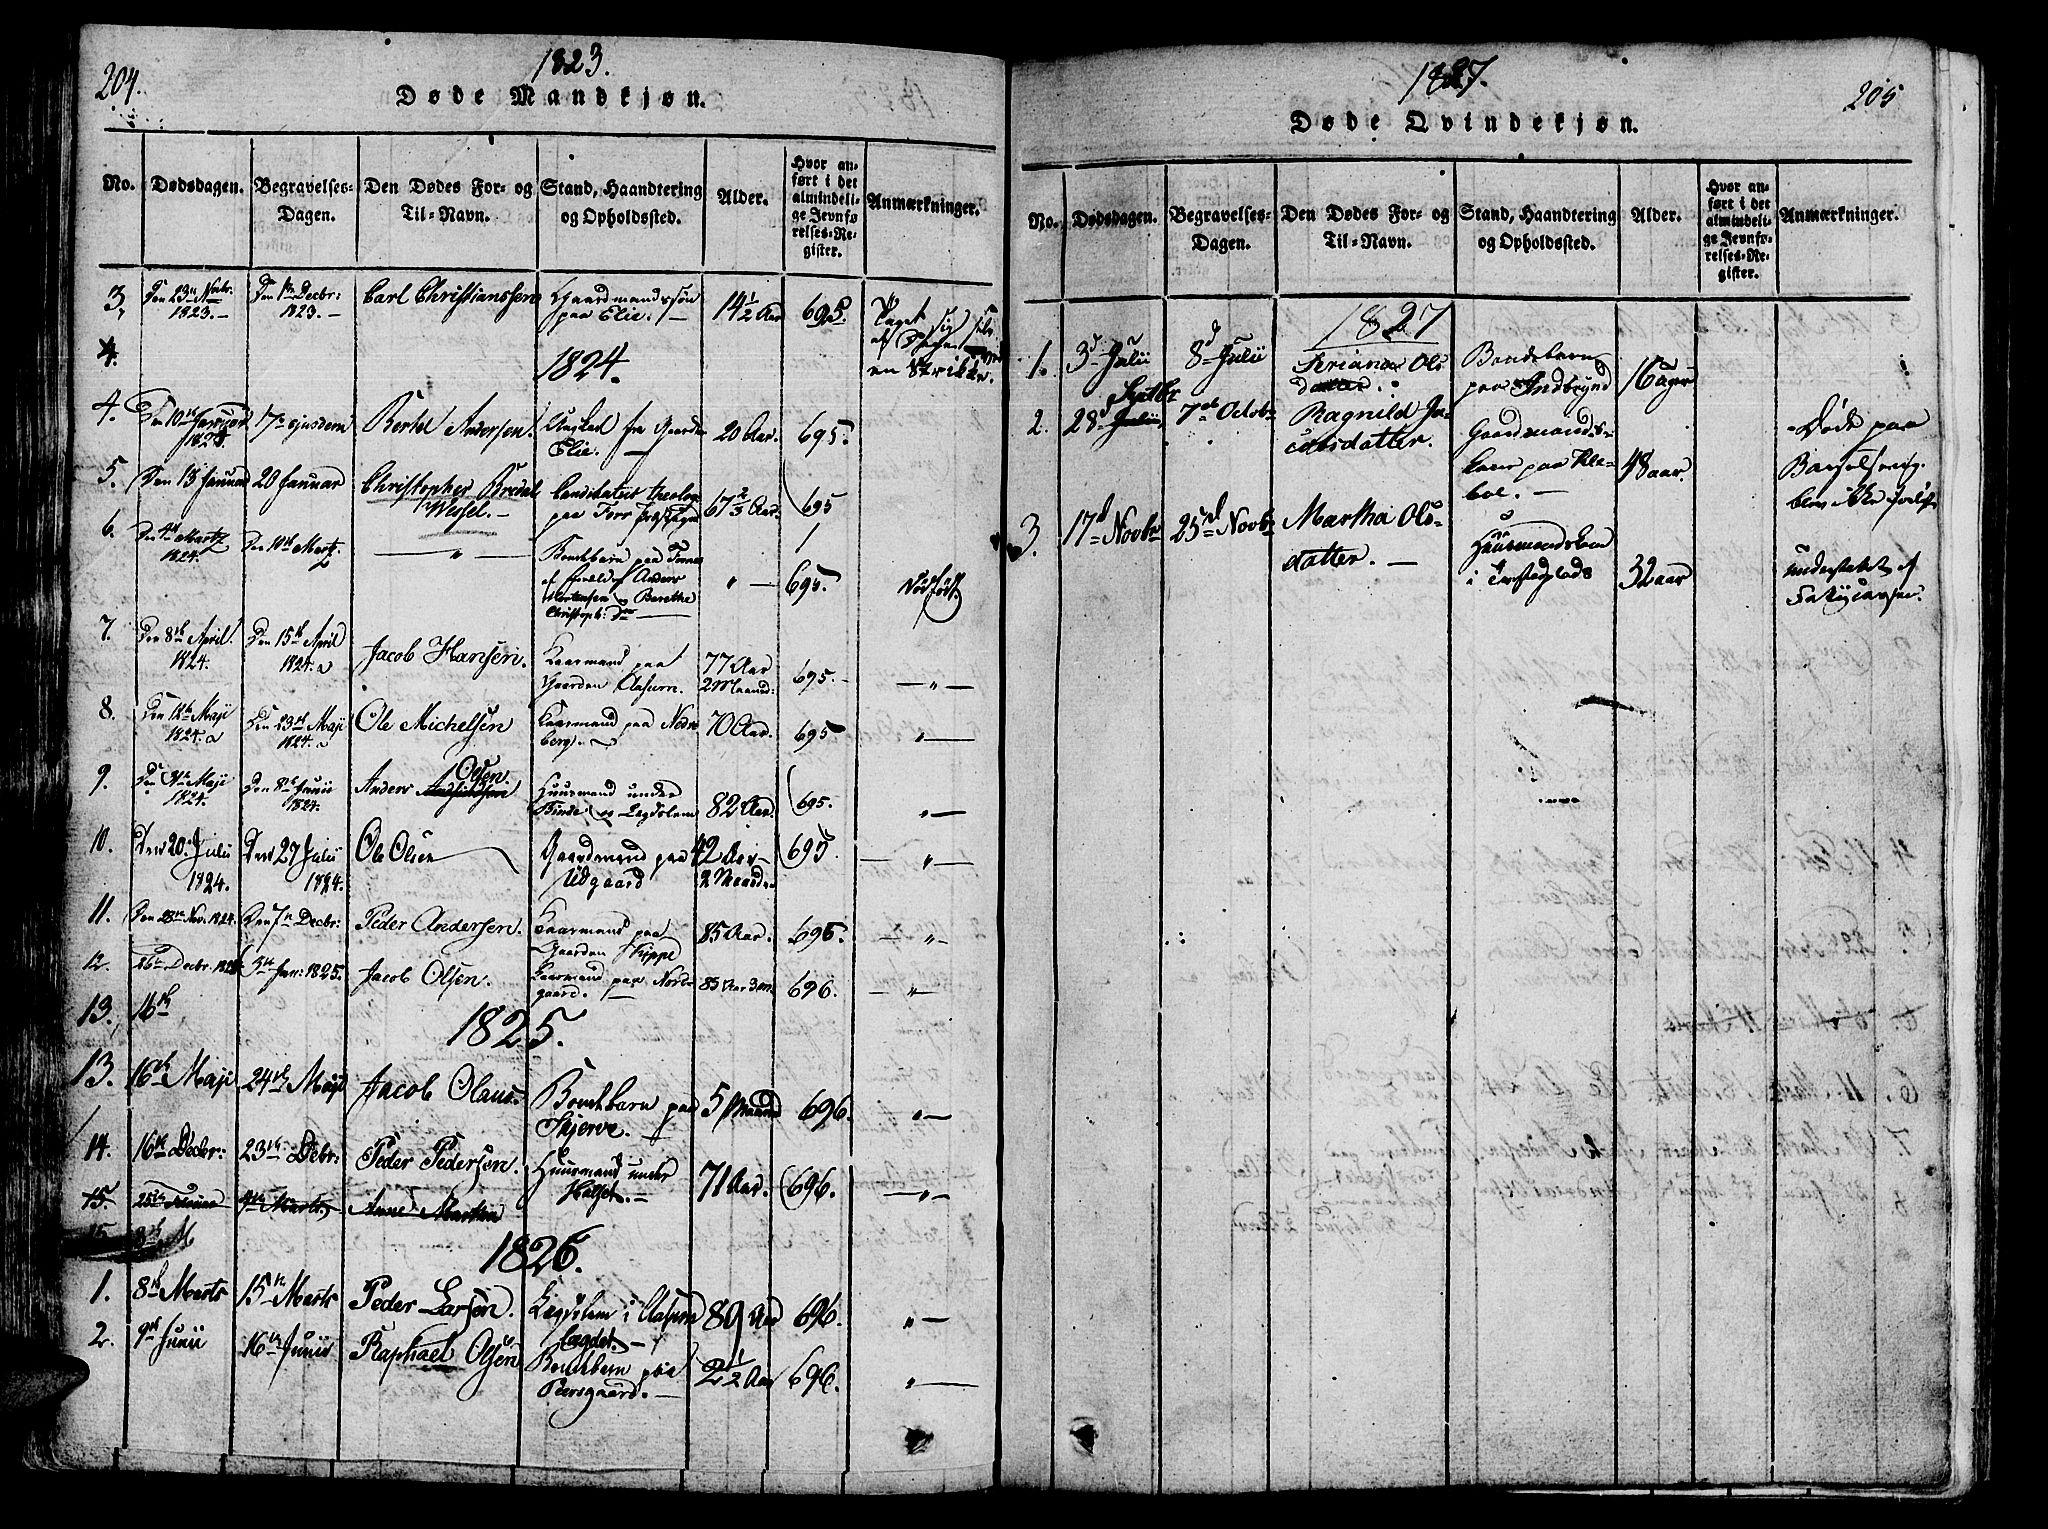 SAT, Ministerialprotokoller, klokkerbøker og fødselsregistre - Nord-Trøndelag, 746/L0441: Ministerialbok nr. 746A03 /1, 1816-1827, s. 204-205